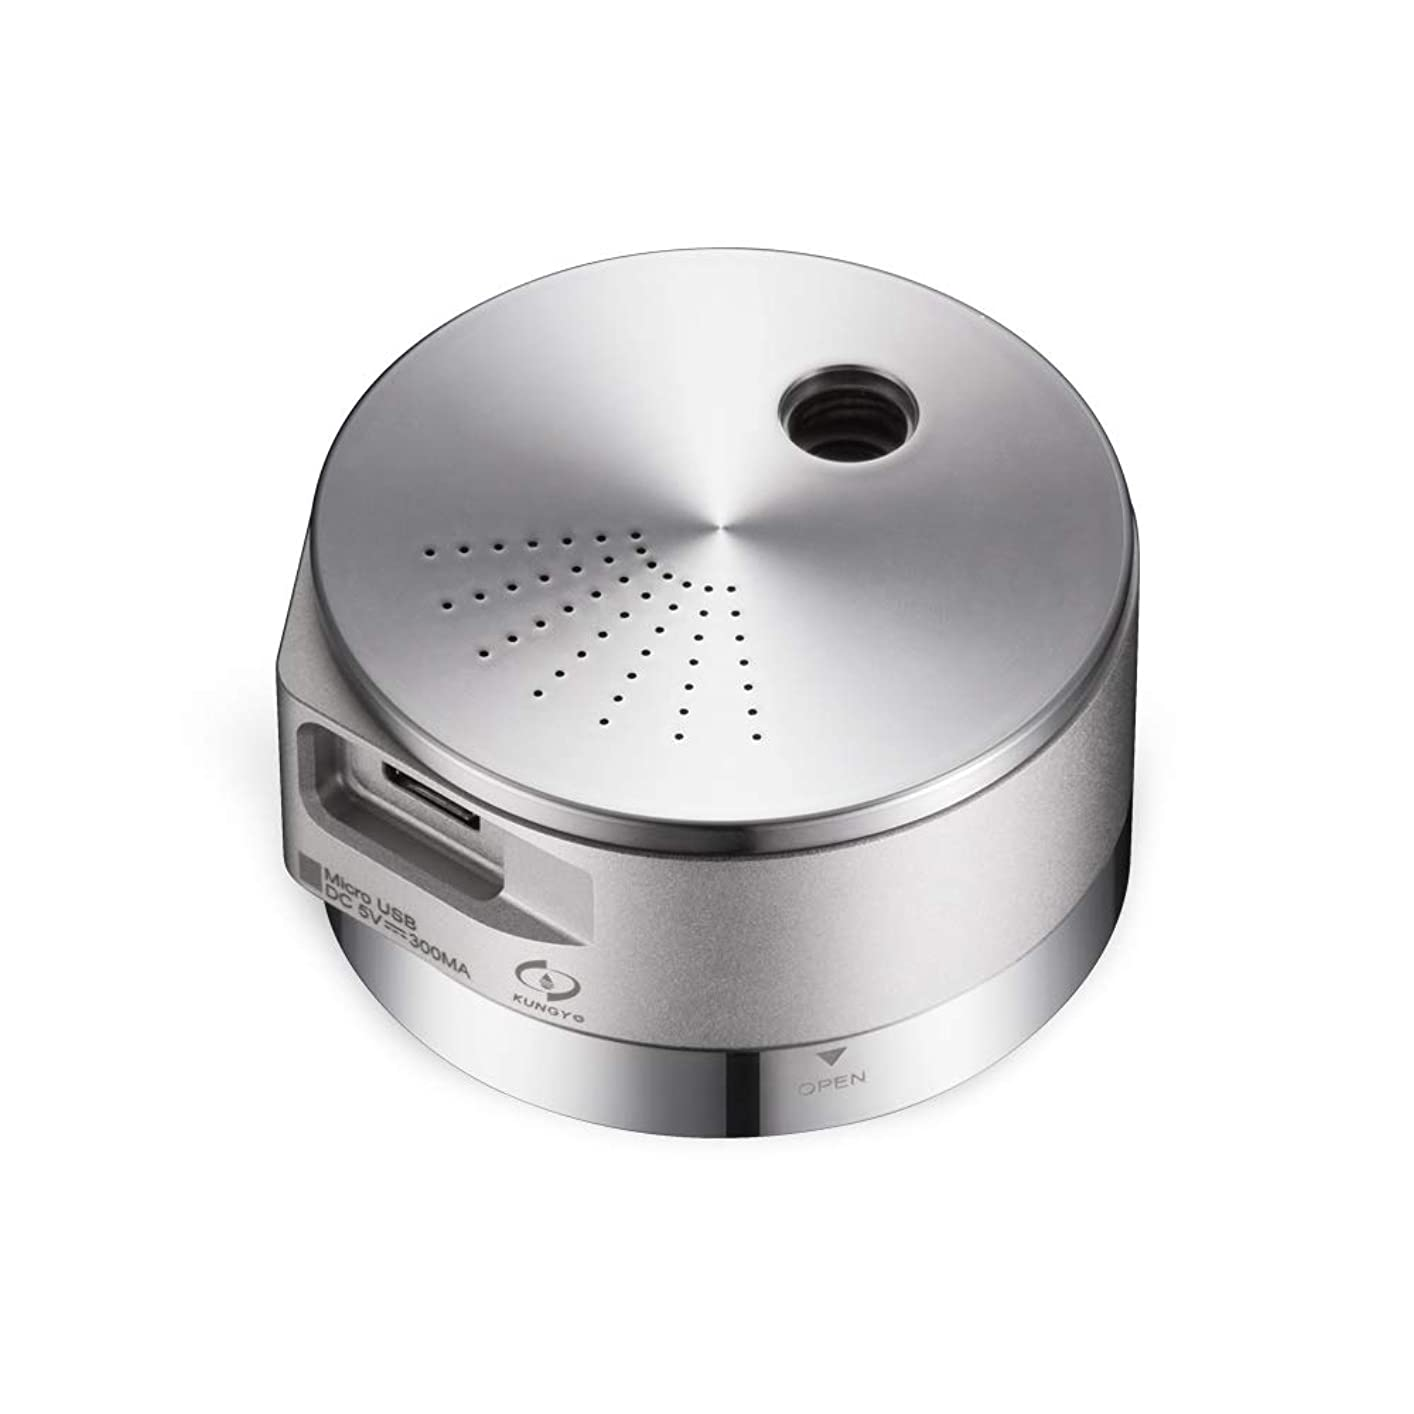 ホイール気難しい肺ミニ加湿器 - ポータブルエッセンシャルオイルディフューザー、USBチャージ、自動シャットオフアロマディフューザー(アルミ、25ml) 141[並行輸入]